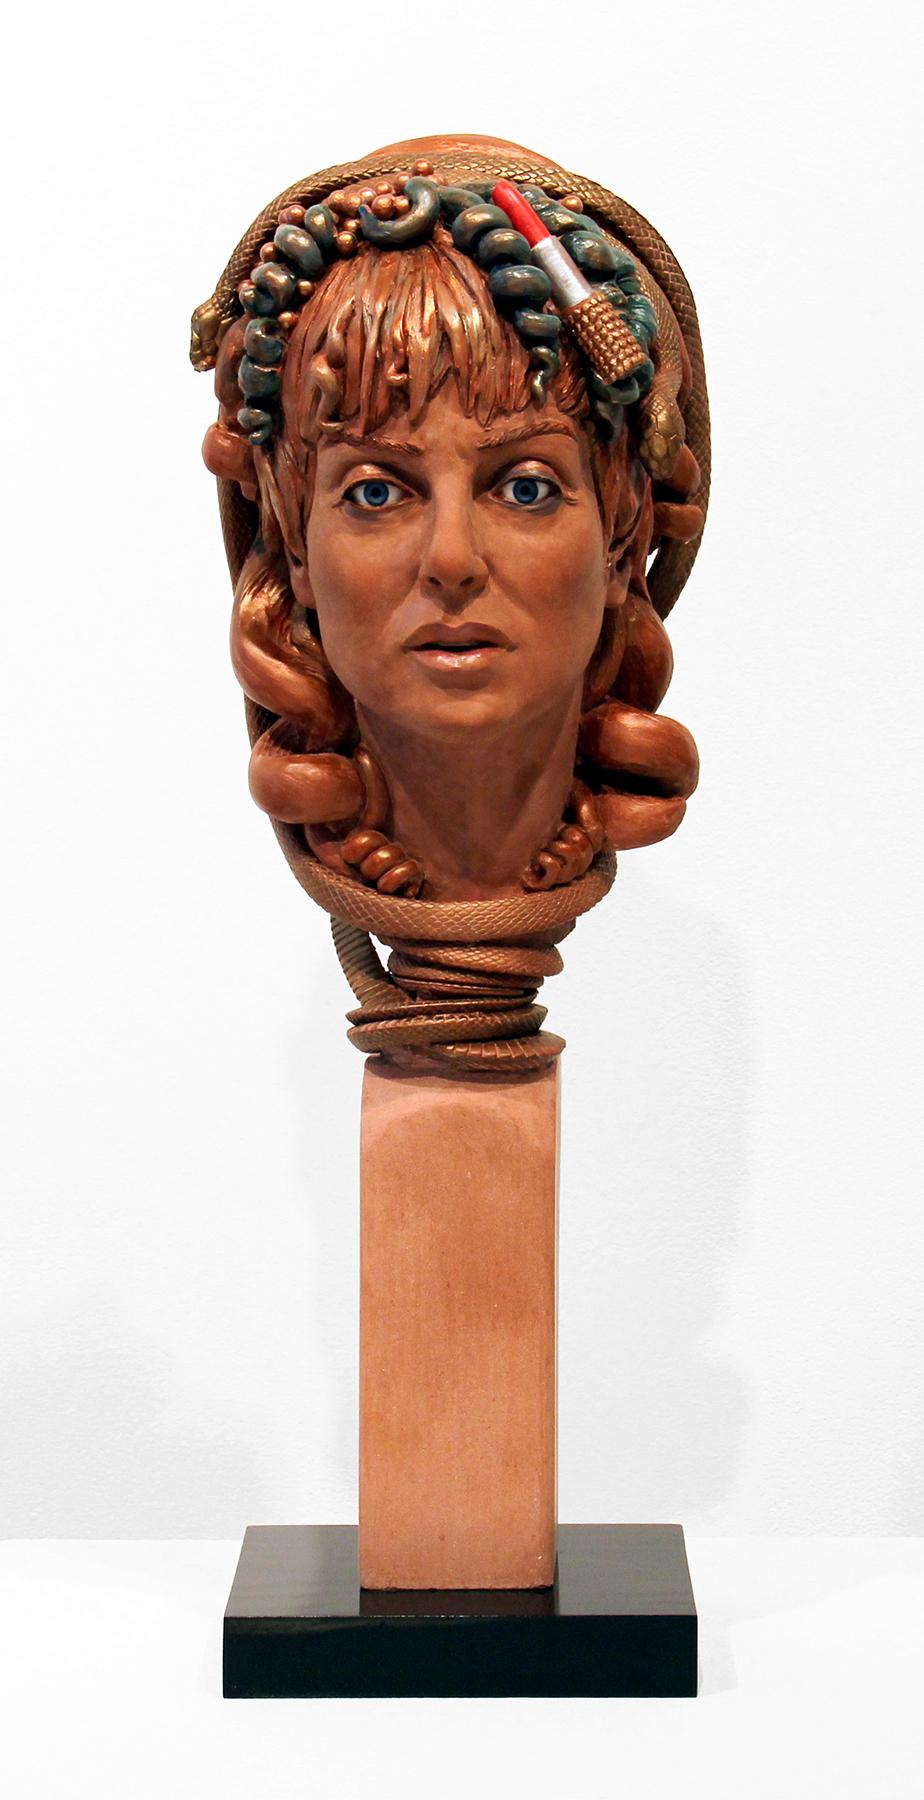 Audrey Flack, Self-portrait as Lipstick Medusa